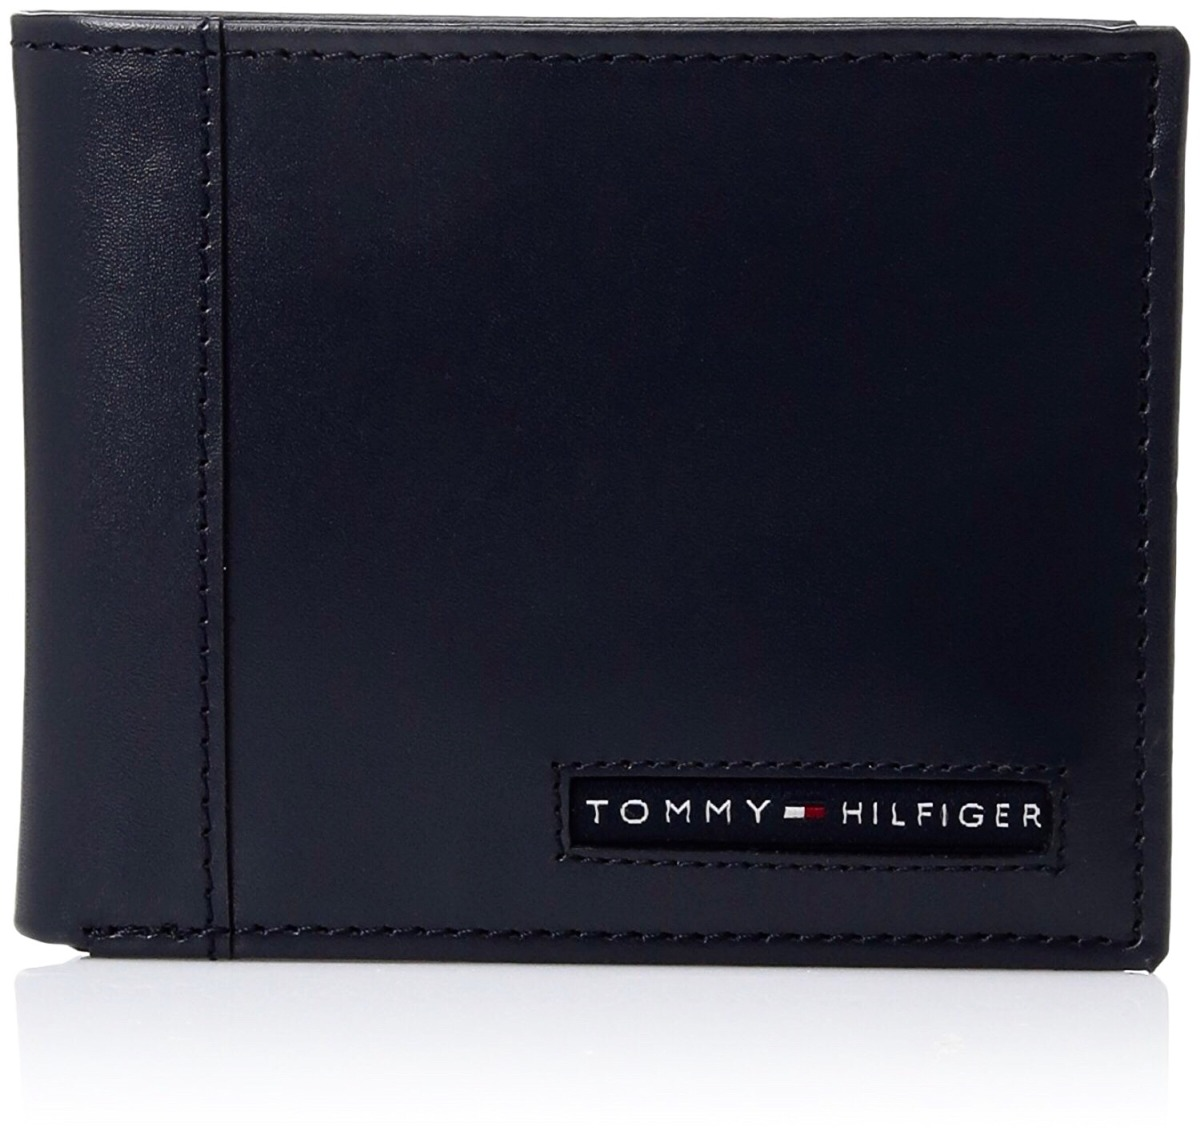 746573af5 Cartera Piel Tommy Hilfiger Navy - $ 999.00 en Mercado Libre